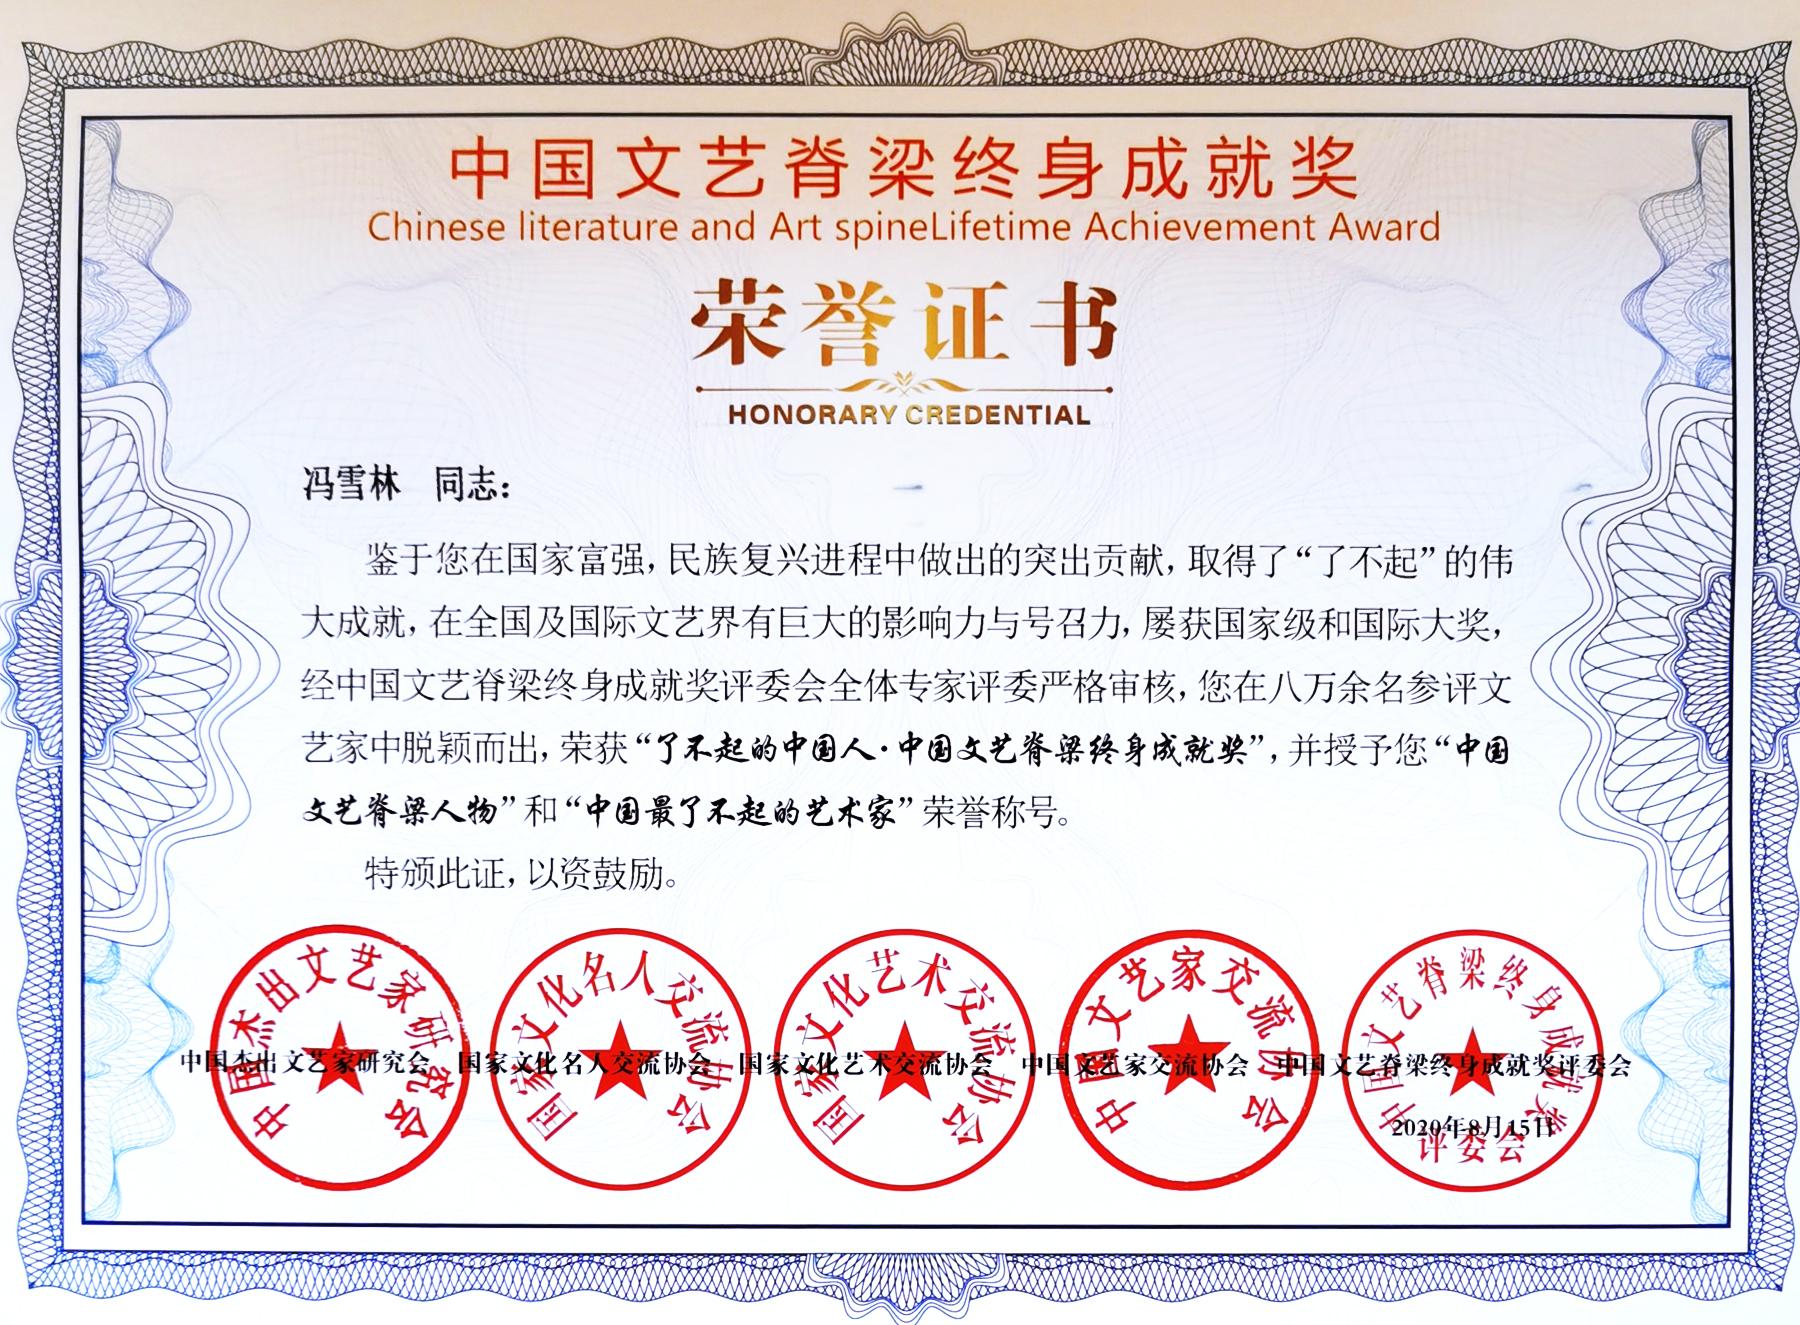 中国文艺脊梁终身成就奖